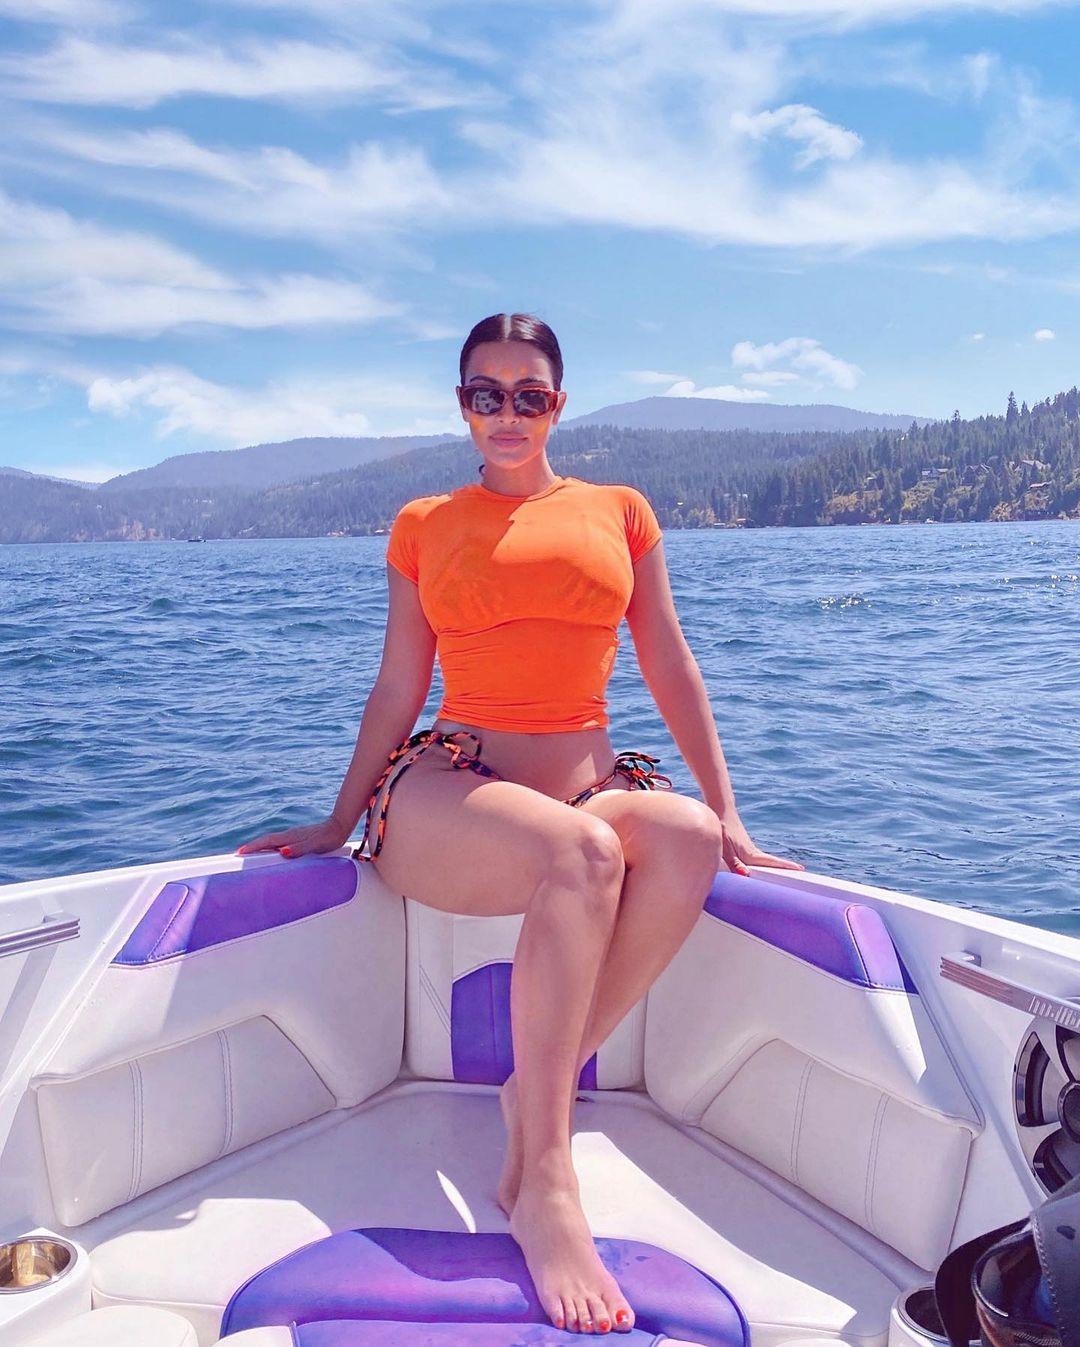 Bí quyết sở hữu thân hình nóng bỏng từ Kim Kardashian